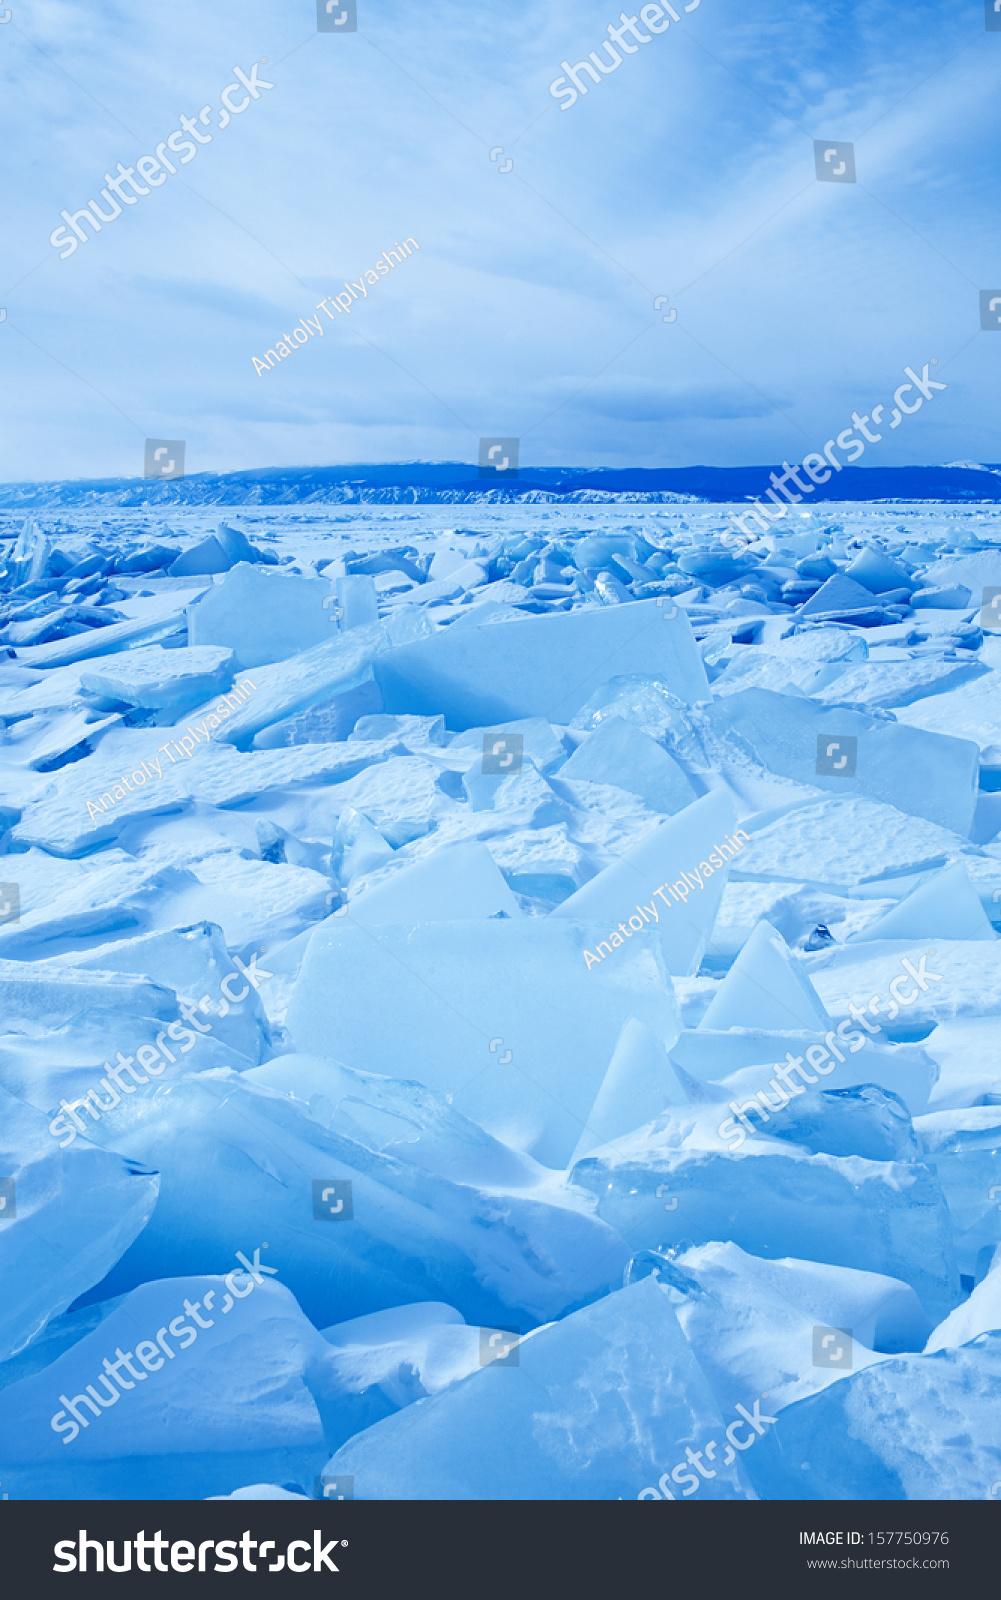 冬天冰雪景观在贝加尔湖-背景/素材,自然-海洛创意()